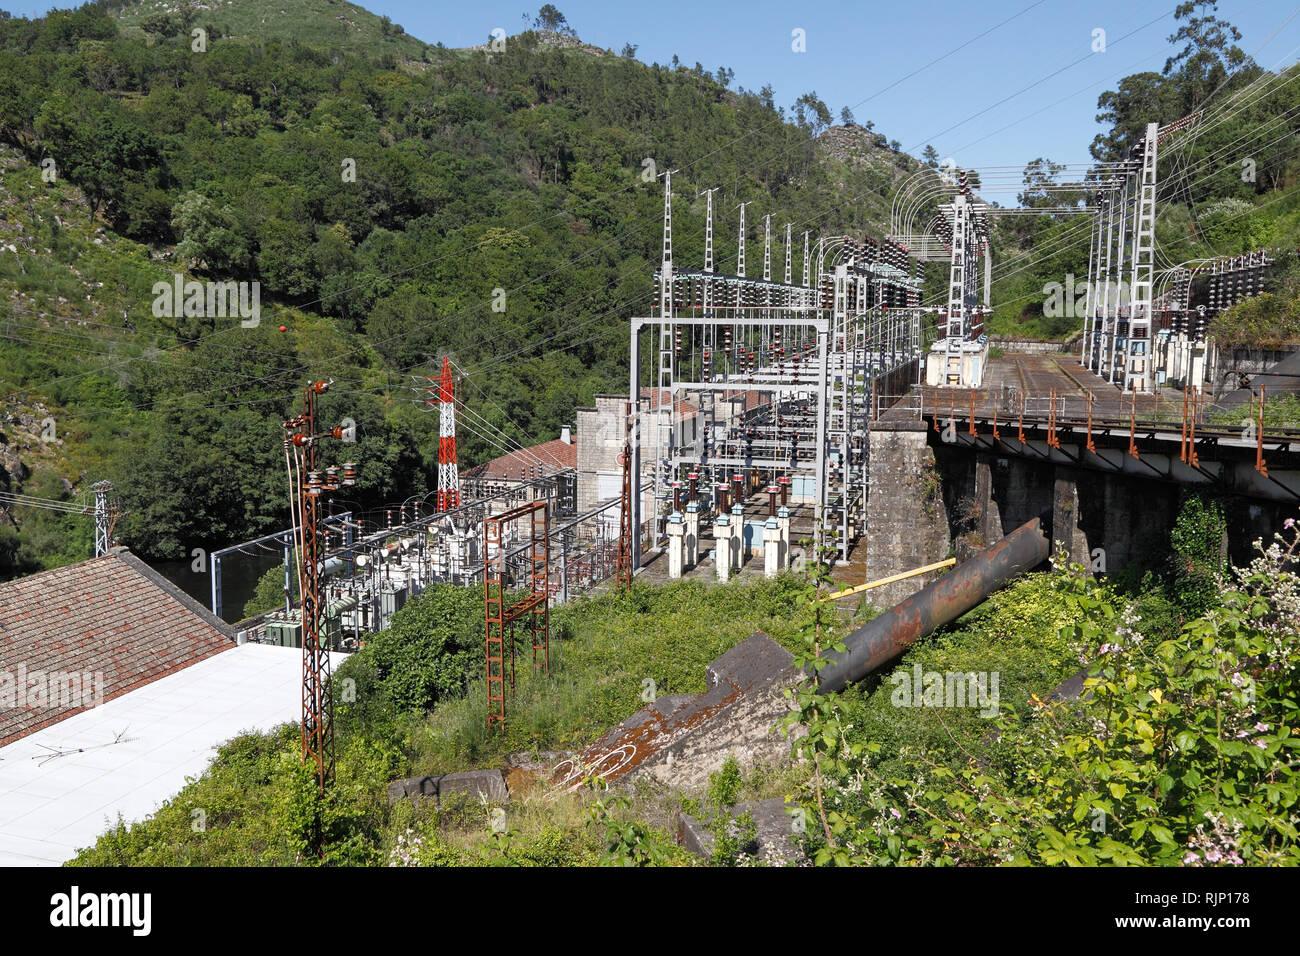 Instalaciones y equipos antiguos, cuidada y funcional, de un río de montaña en el norte de Portugal hidroeléctrica Imagen De Stock